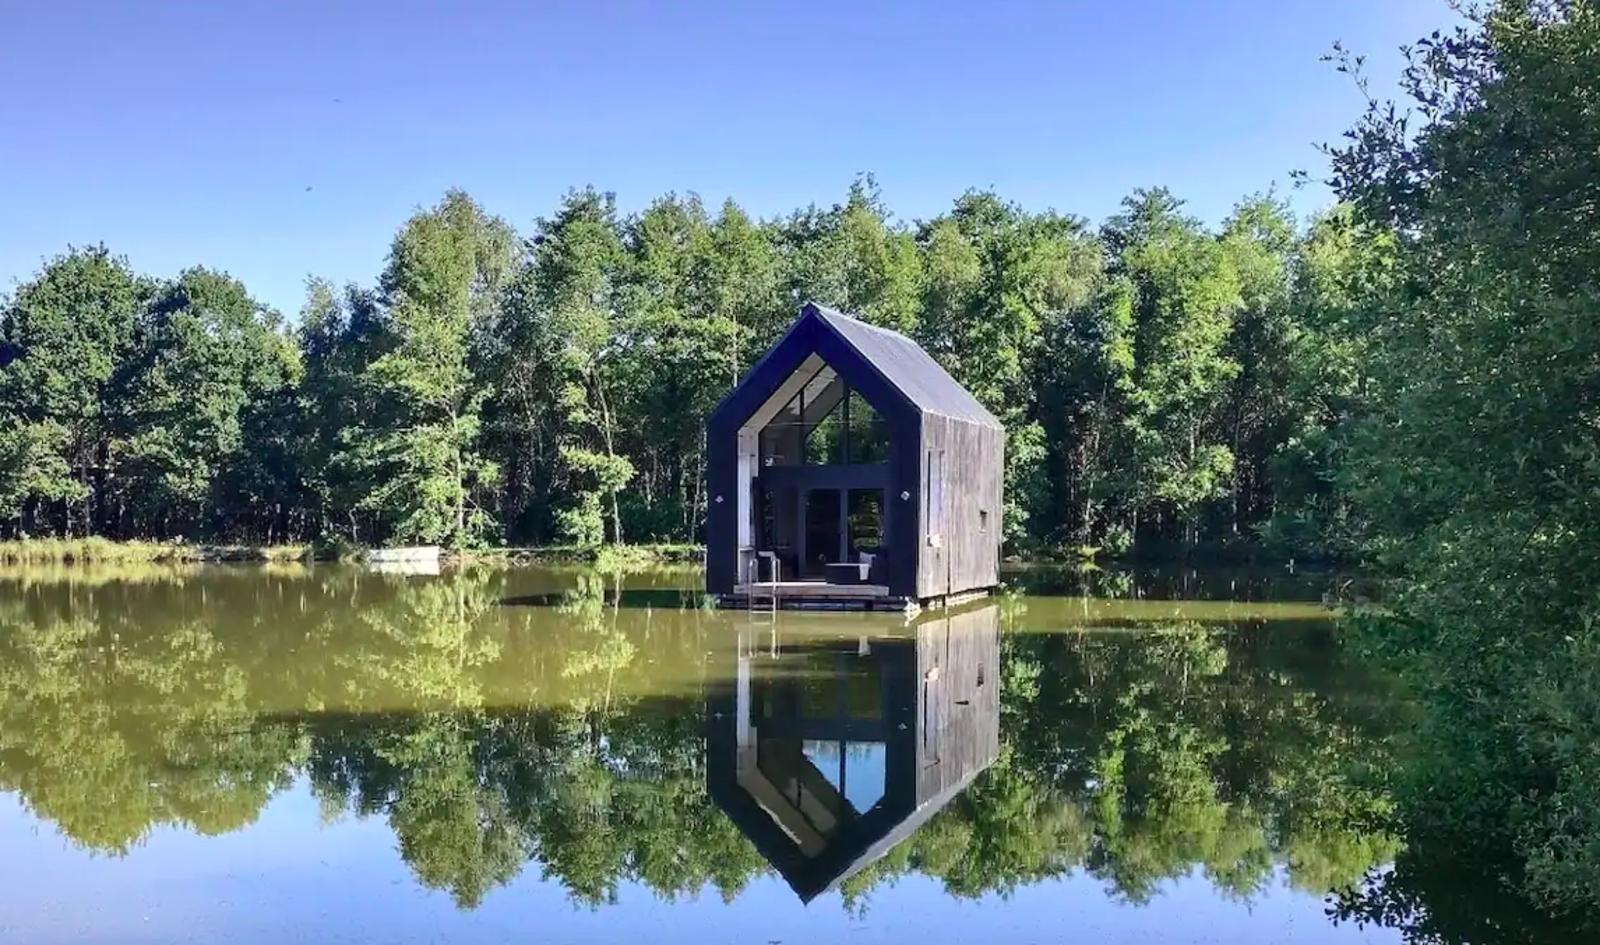 hermione cabane insolite sur l'eau, airbnb